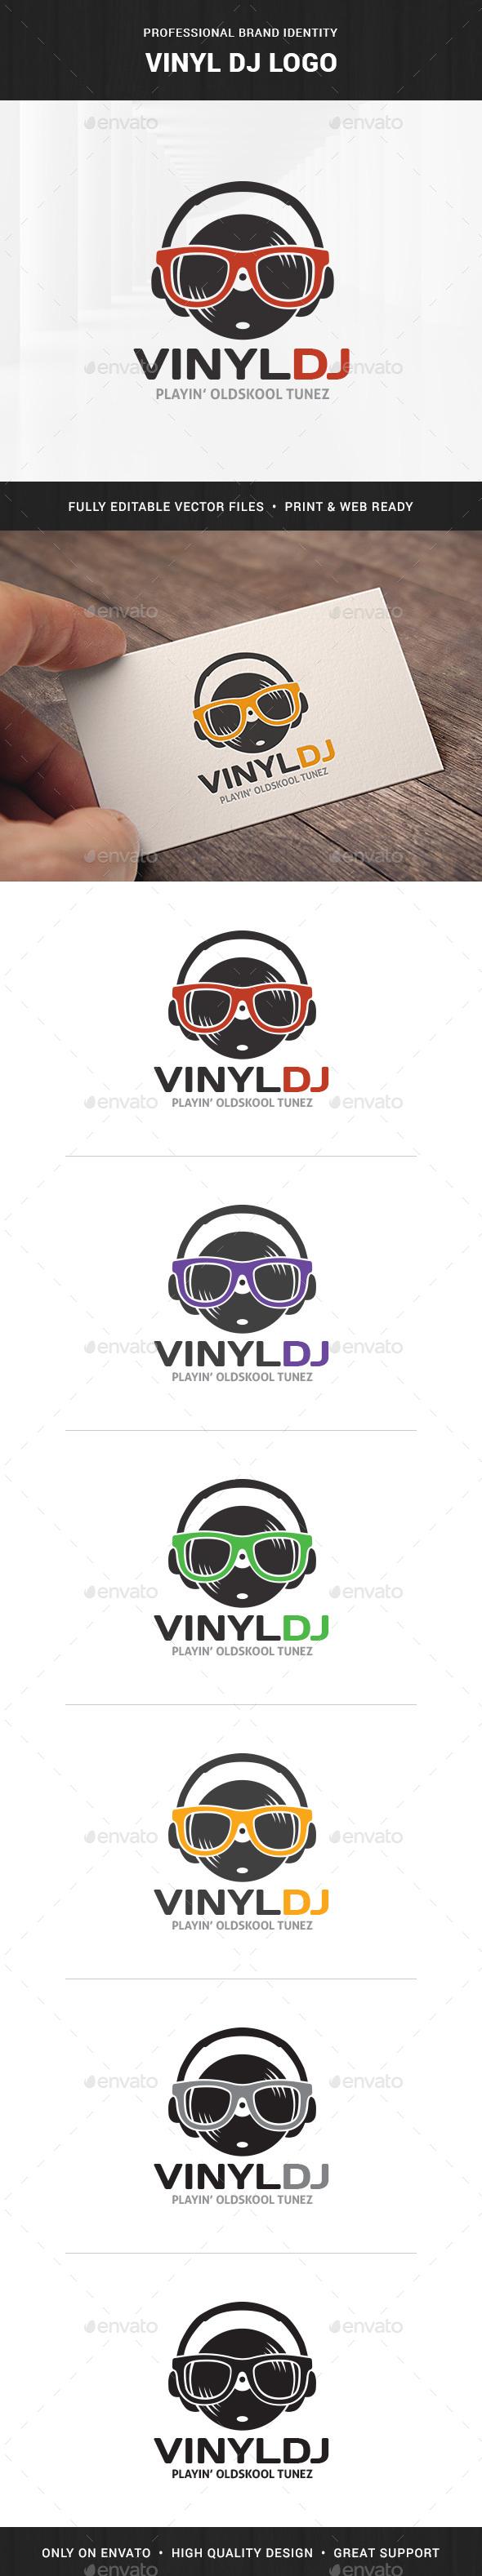 Vinyl DJ Logo - Objects Logo Templates